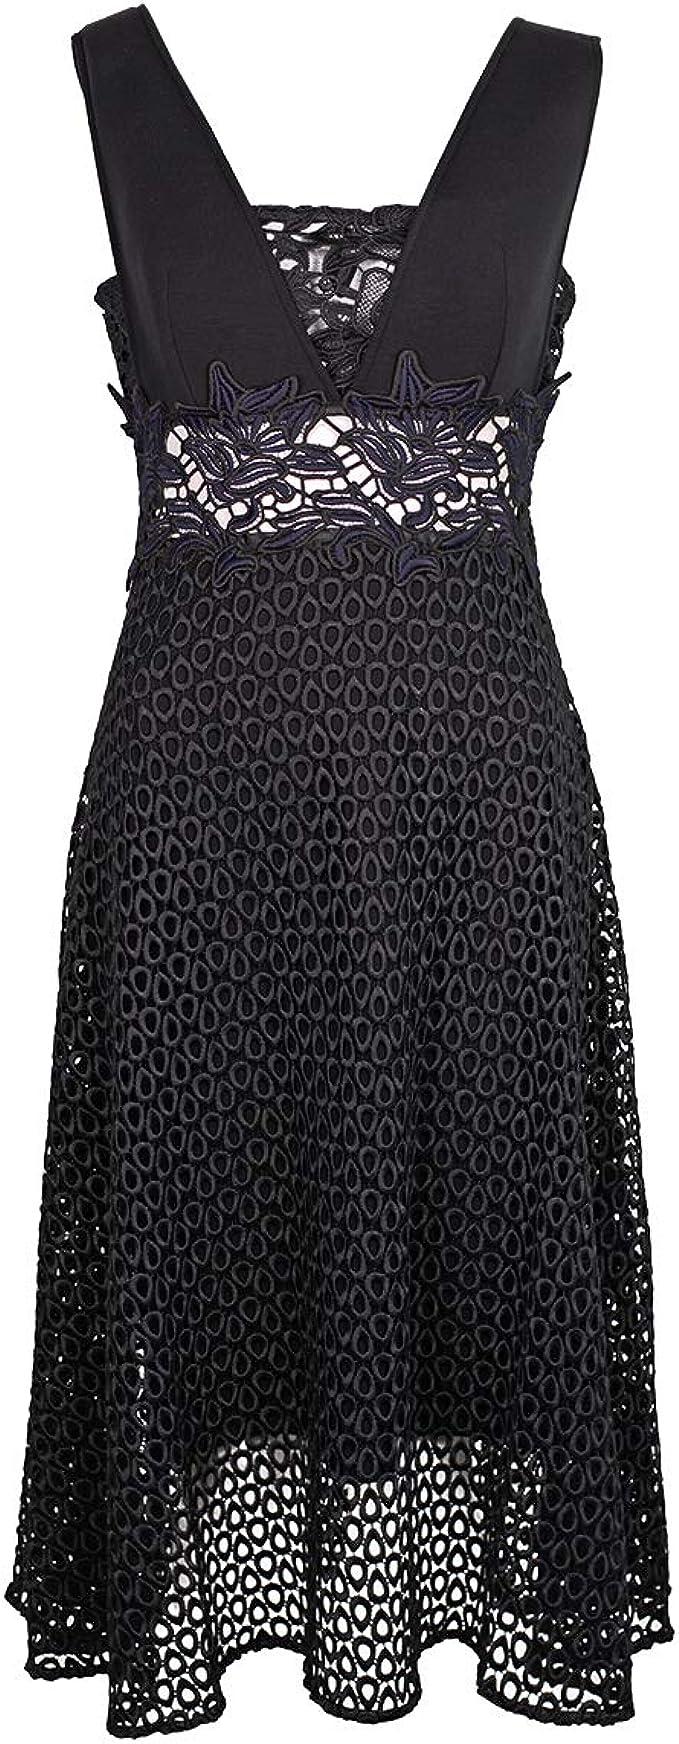 PINKO CONSIDERARE - Cocktailkleid/festliches Kleid Gr. 5: Amazon